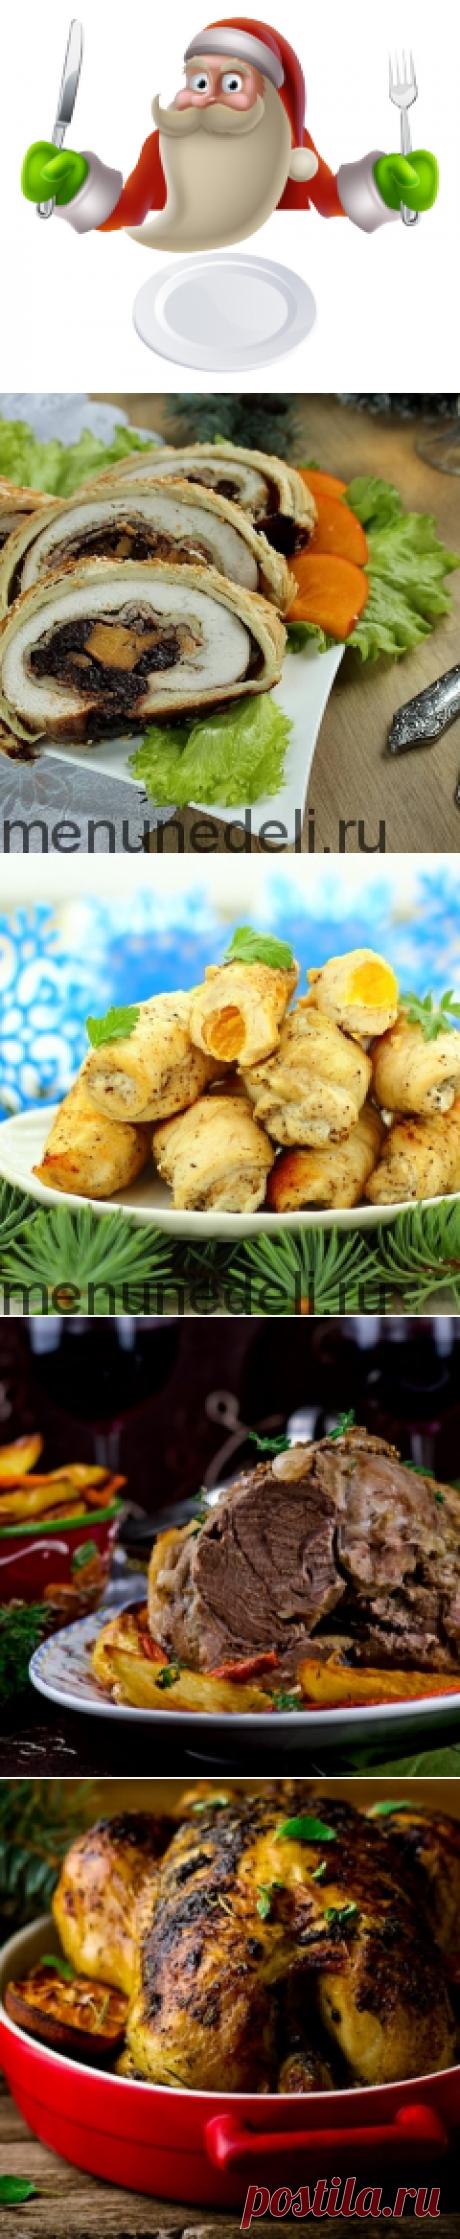 Рецепты горячих блюд на Новый год / Меню недели